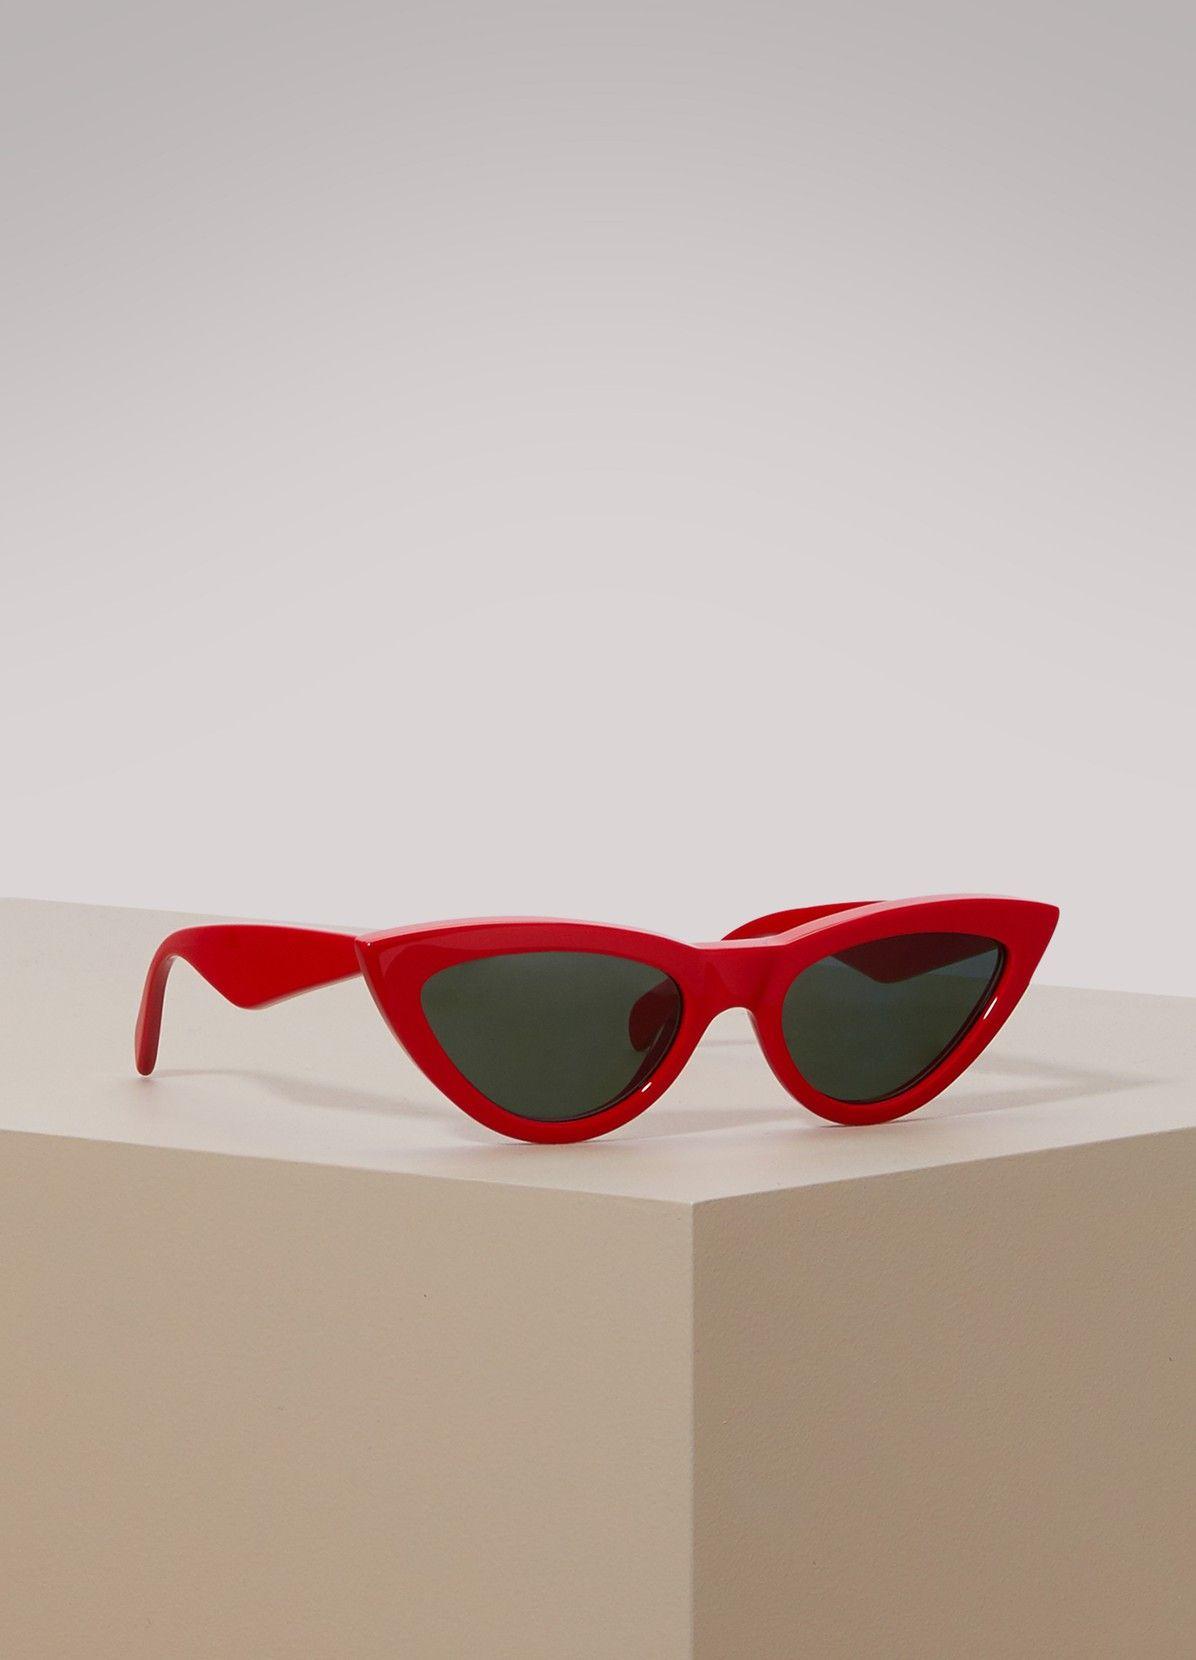 c53c85329 CELINE Cat Eye sunglasses | lust list | Cat eye sunglasses ...